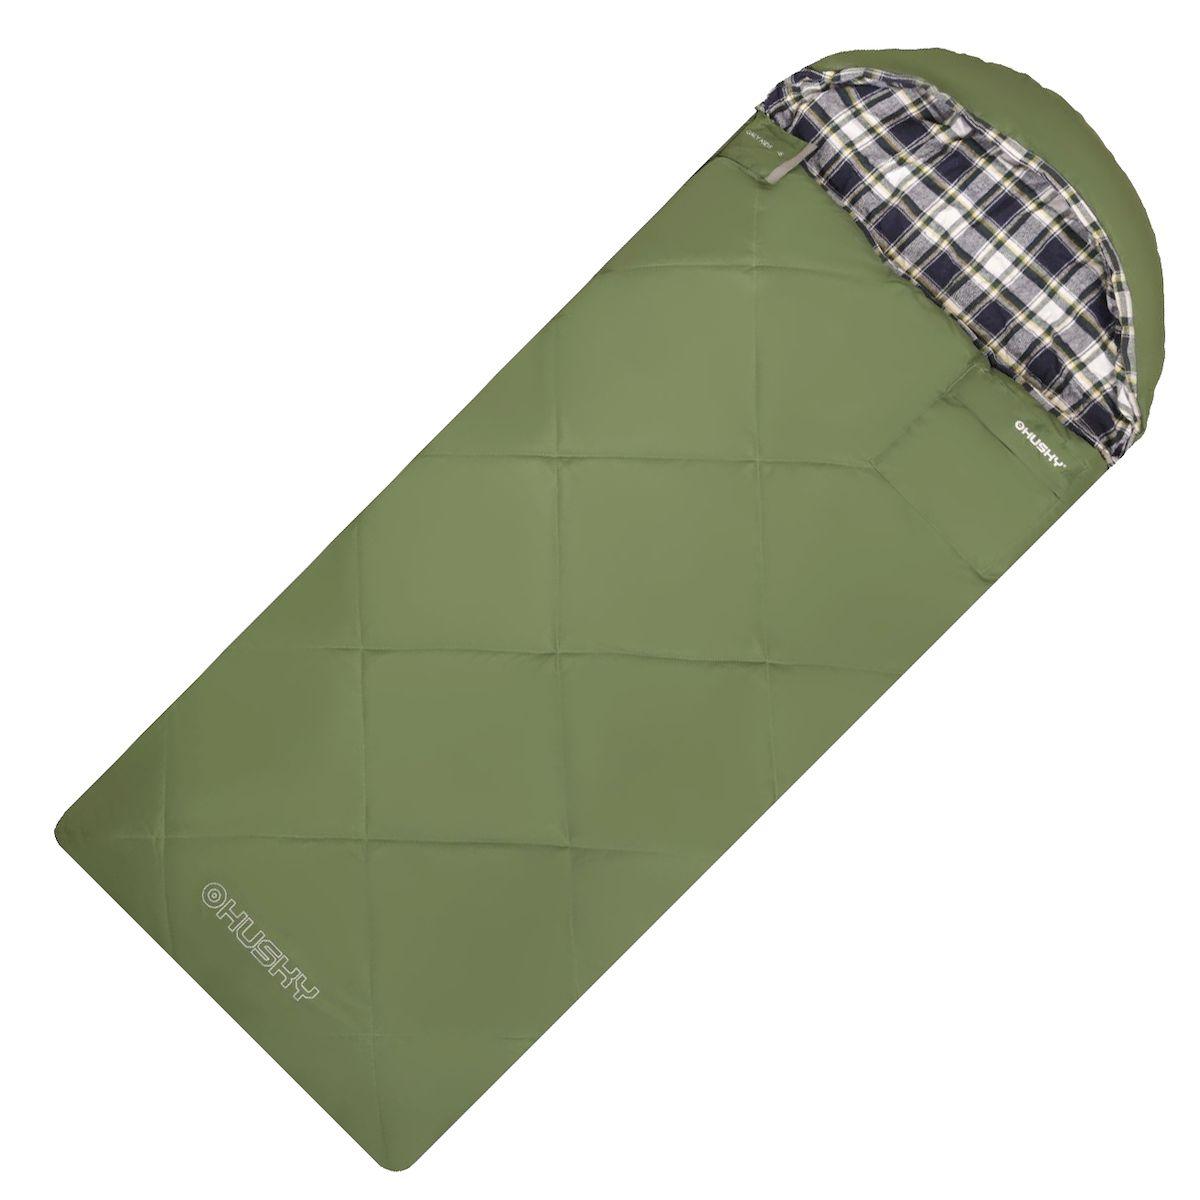 Спальник - одеяло Husky GALY KIDS -5С, правая молния, цвет: зеленый010-01199-23Спальник-одеяло с подголовником детский до -5°C (НОВИНКА)GALY KIDSДвухслойный детский спальный мешок-одеяло для кемпинга. Утеплитель из 4-х канального холофайбера, превосходная комбинация теплового комфорта с комфортом традиционного спального мешка-одеяла. Galy можно использовать не только на природе, но и в помещении как традиционное одеяло.Размеры: 70х170 смРазмеры в сложенном виде: 44х35х14 смВес: 1800 гЭкстремальная температура: -5 СКомфортная температура: -0 С ... +5 С- Внешний материал: Pongee 75D 210T (лен)- Внутренний материал: флис (полиэстер)- Утеплитель: 2 слоя 150 г/м2 HollowFibre,- Конструкция: два слоя- Компрессионный мешок- Петли для сушки